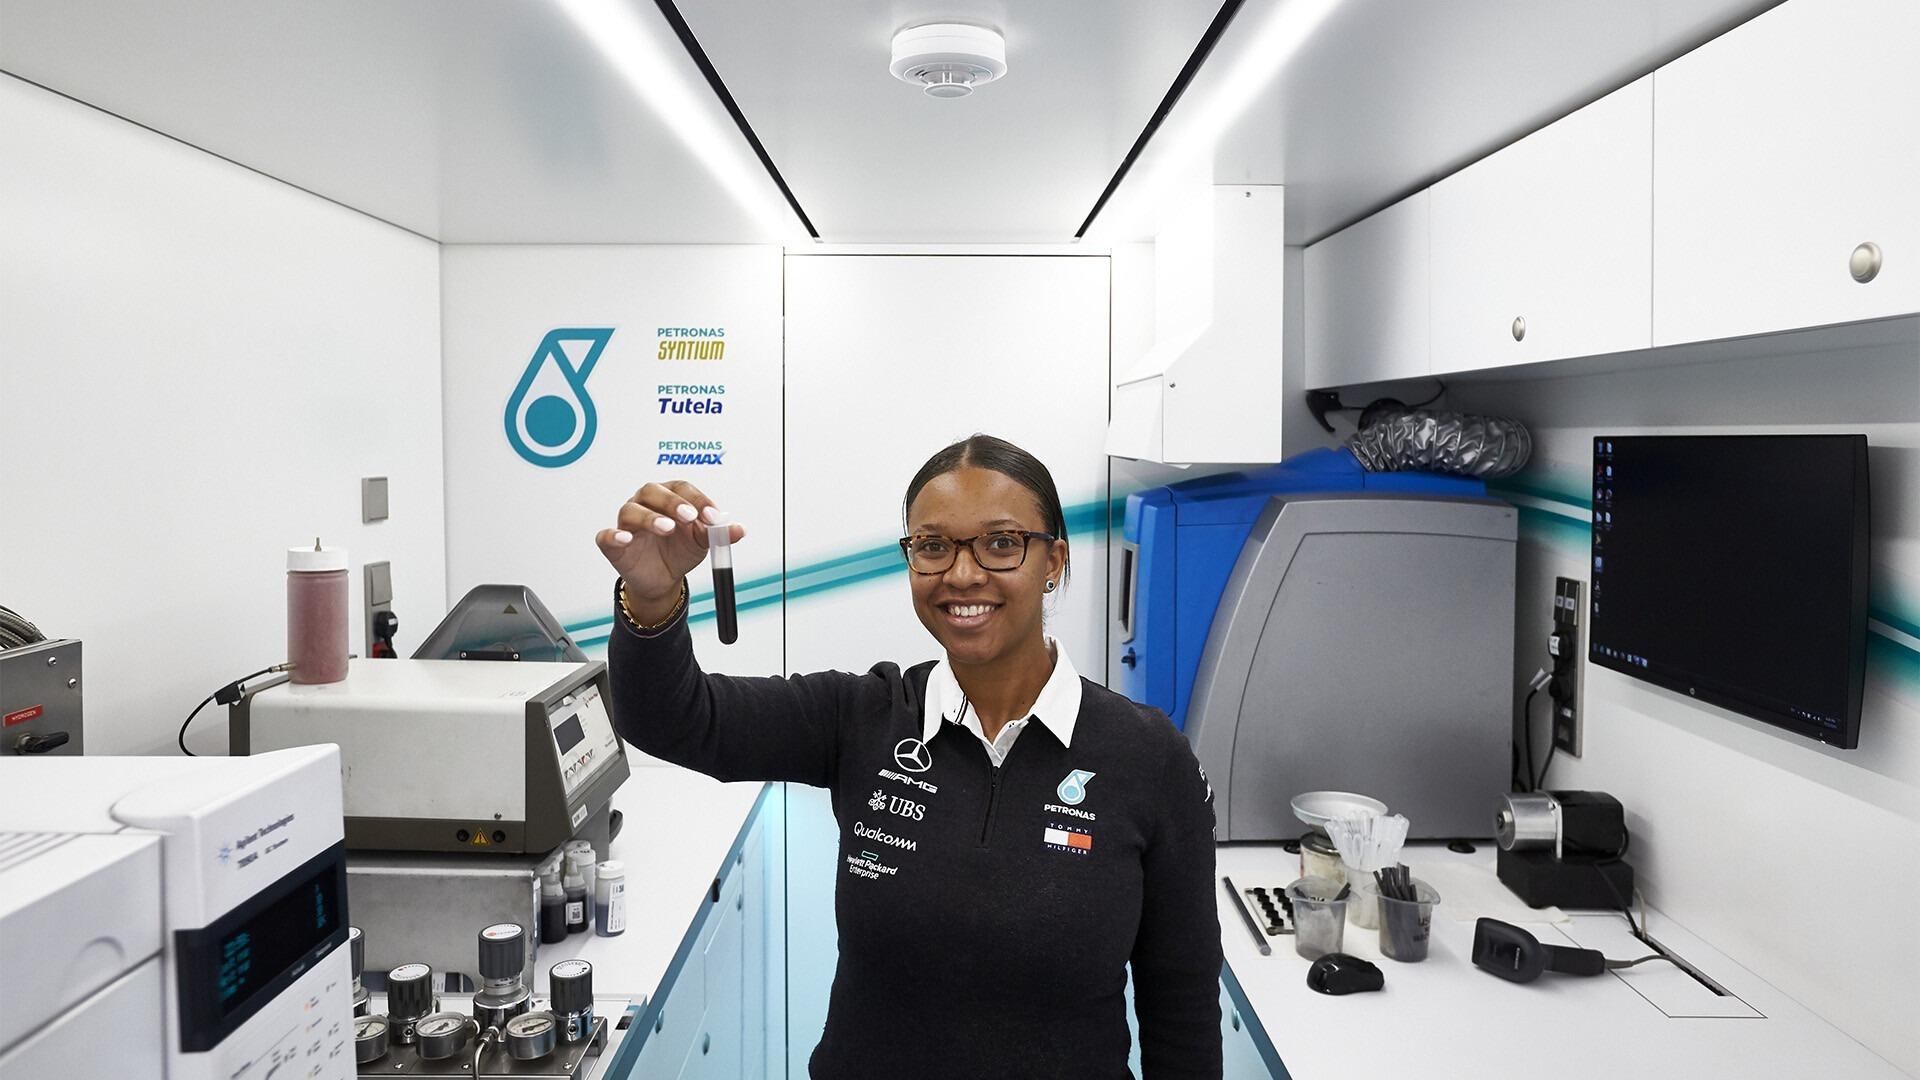 Stephanie Travers - Petronas Trackside Fluid Engineer at Formula 1